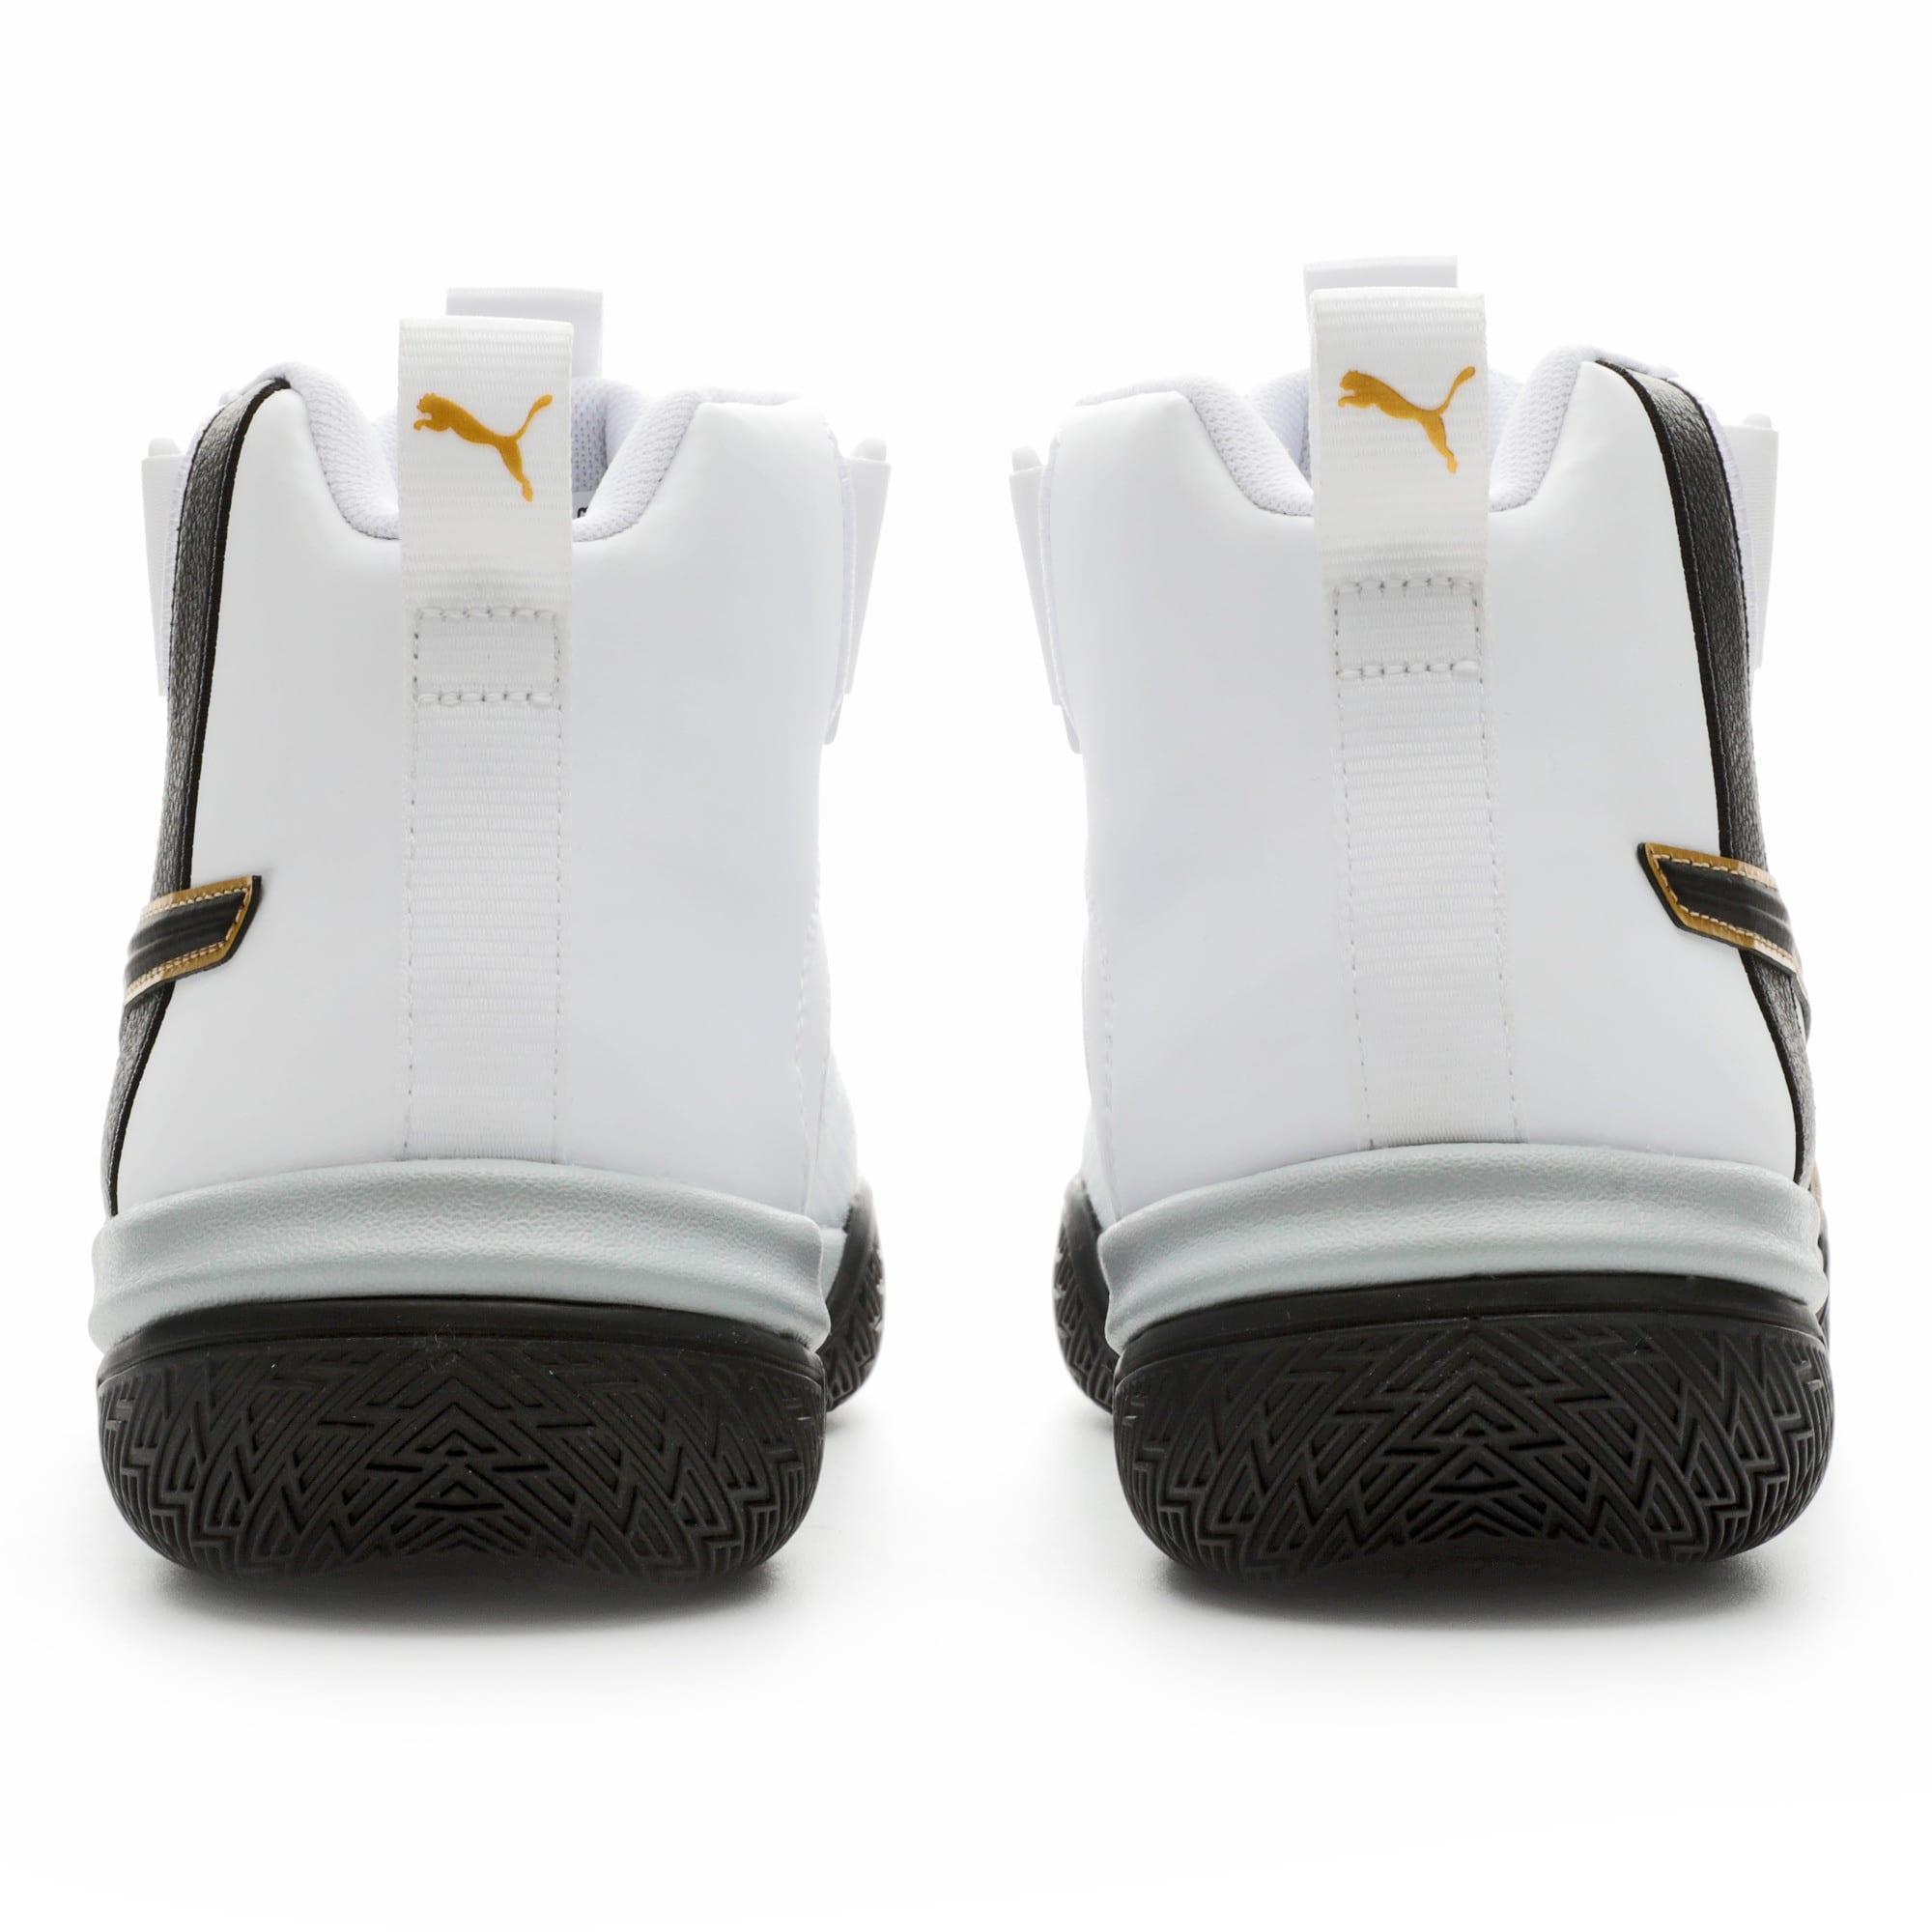 Imagen en miniatura 3 de Zapatillas de baloncesto Legacy '68, Puma Black-Puma White, mediana